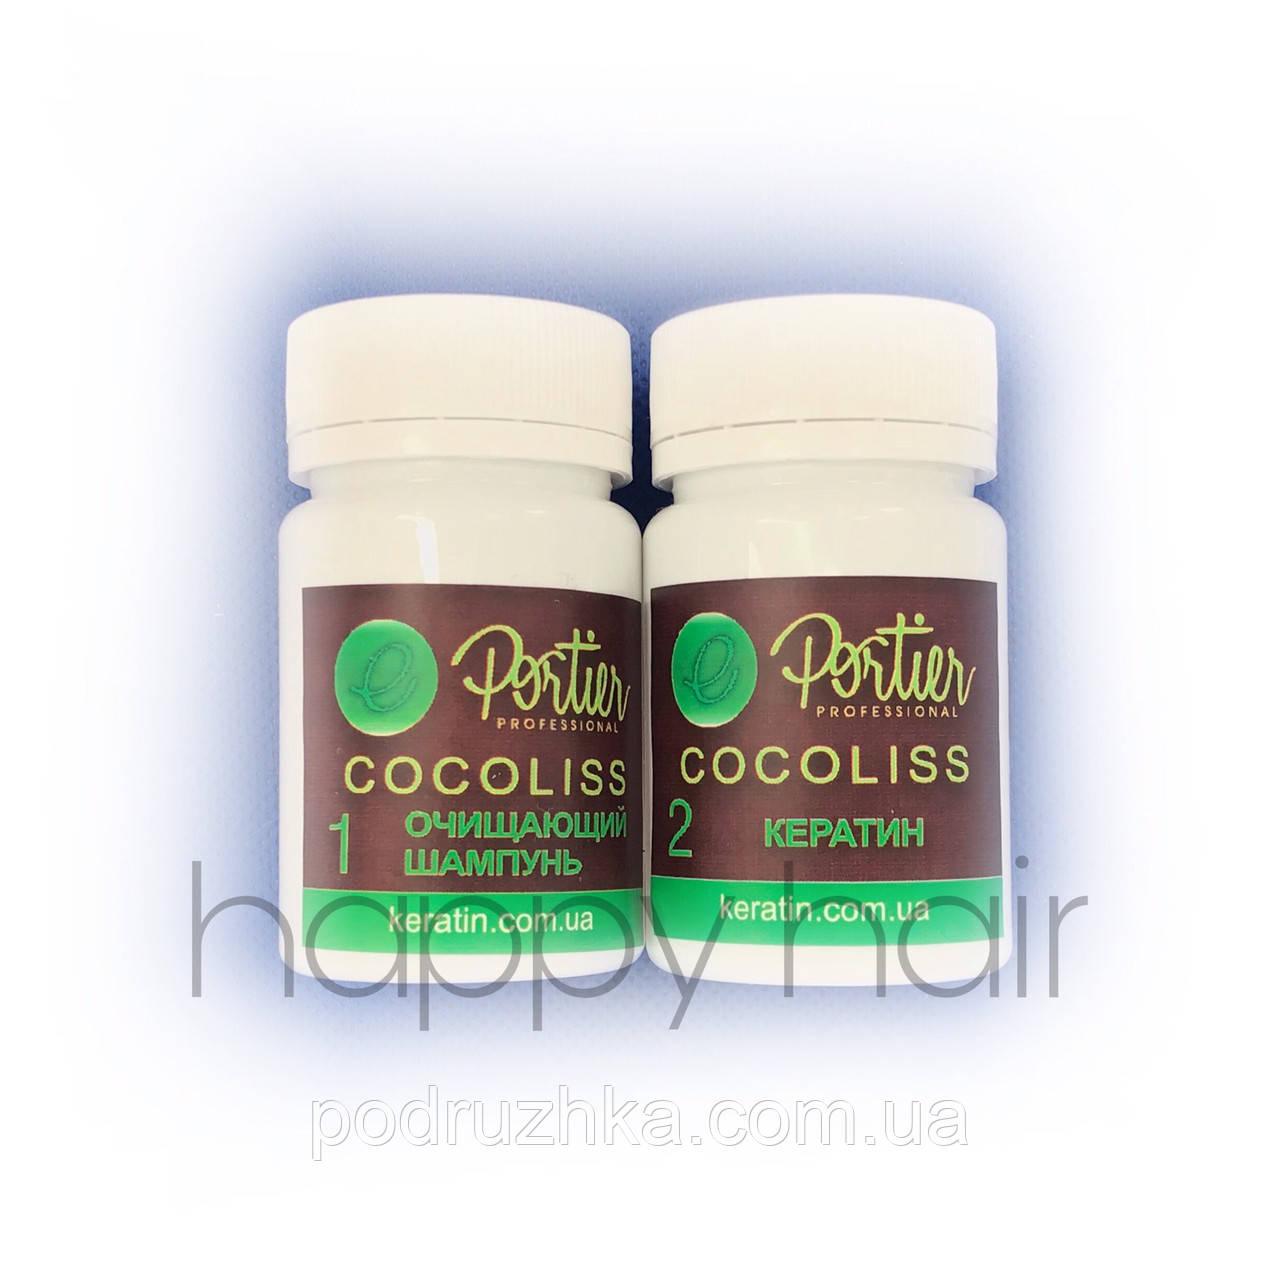 Portier Cocolis Набір для кератинового випрямлення 2х100 г